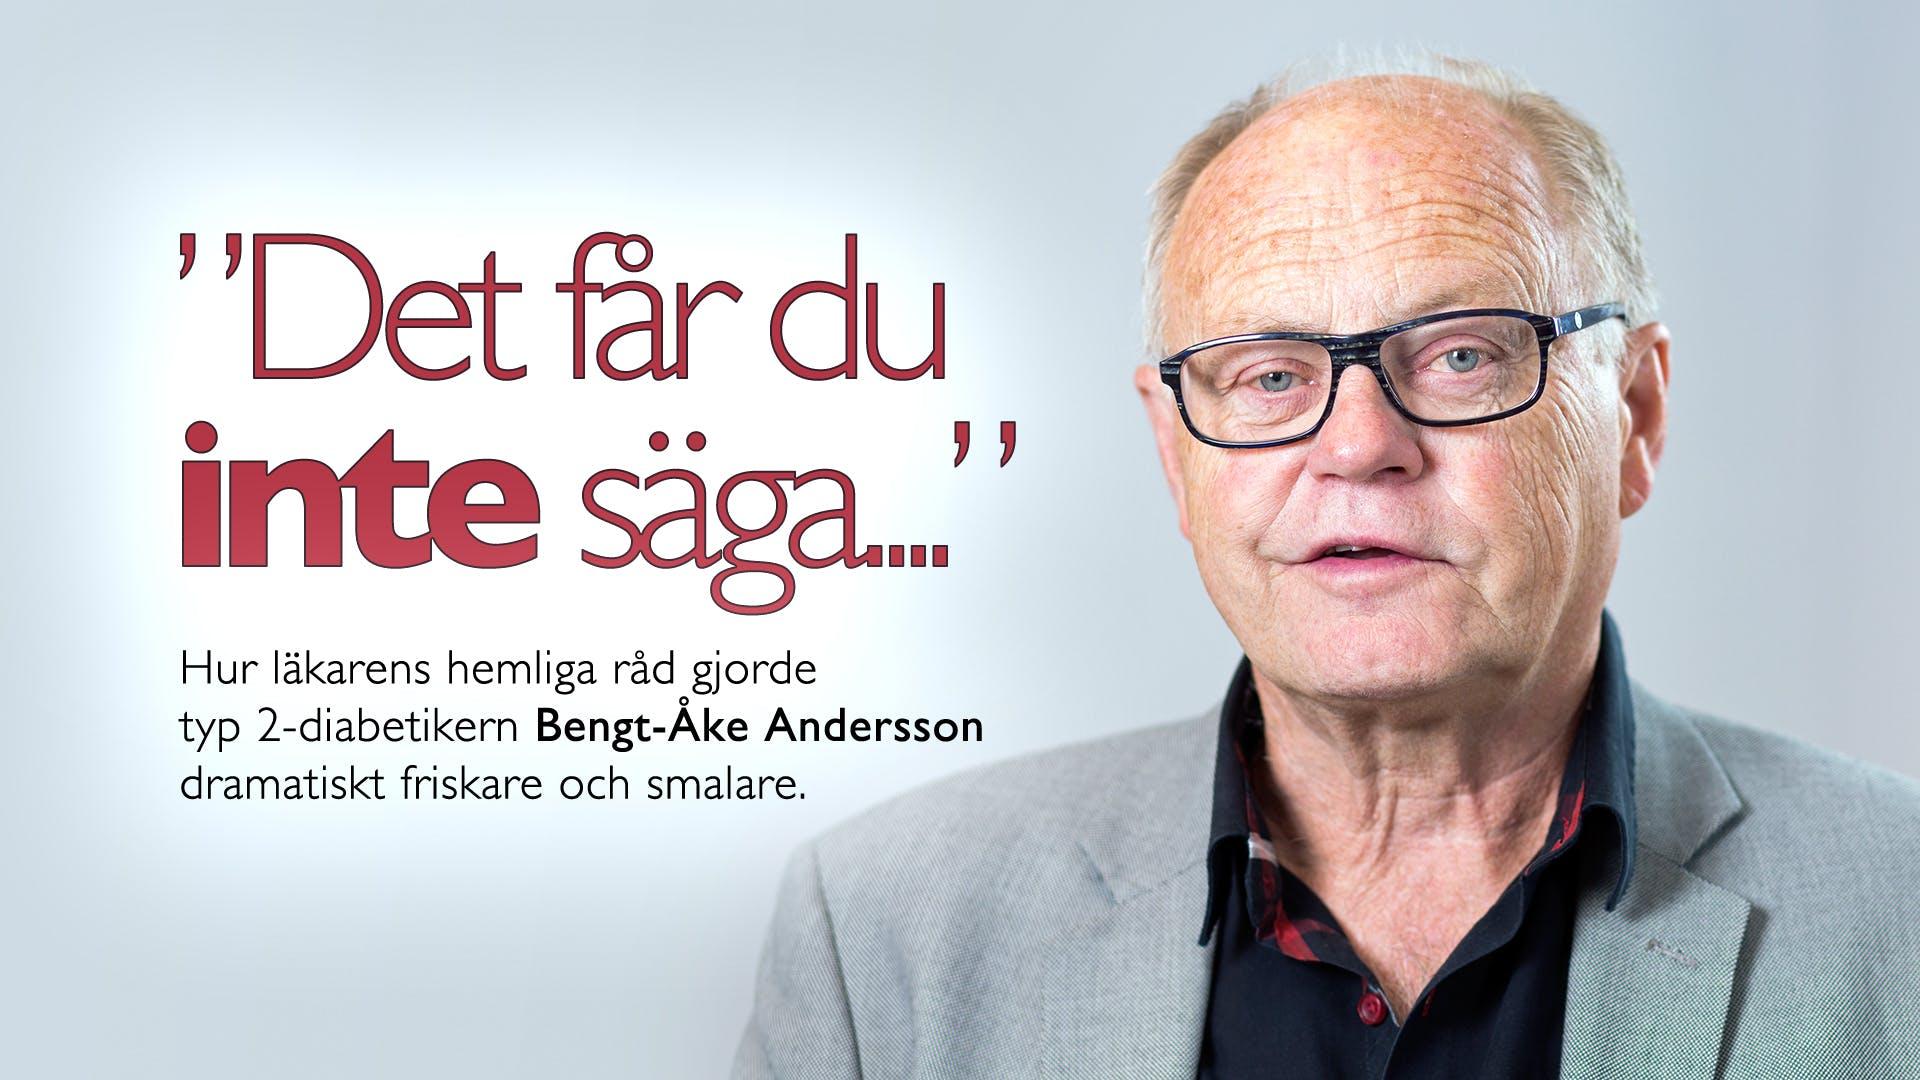 diabetiker Bengt-Åke